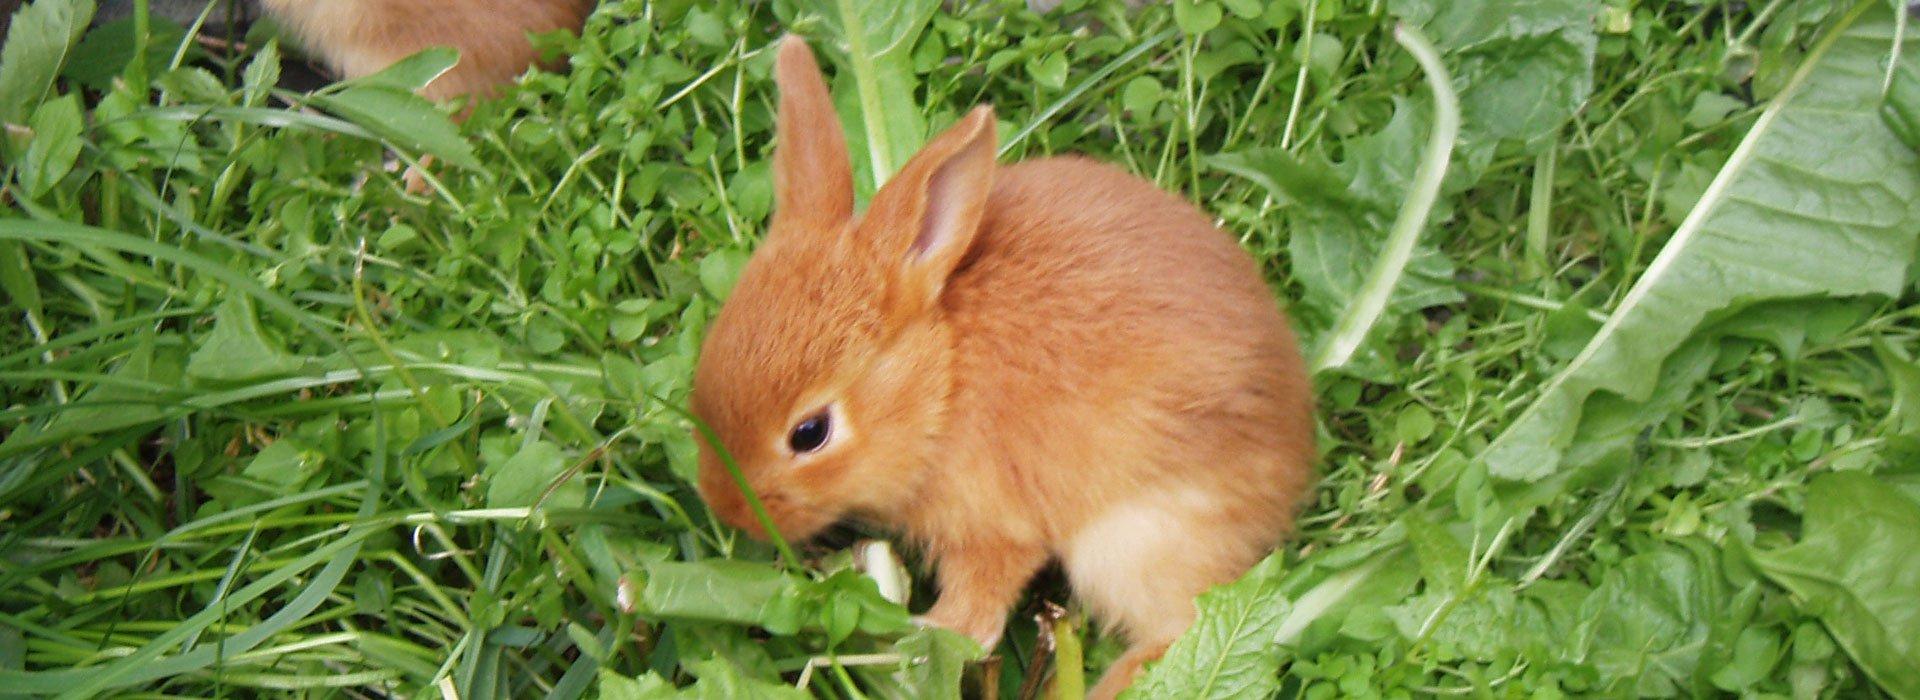 ferienbauernhof-kaninchen